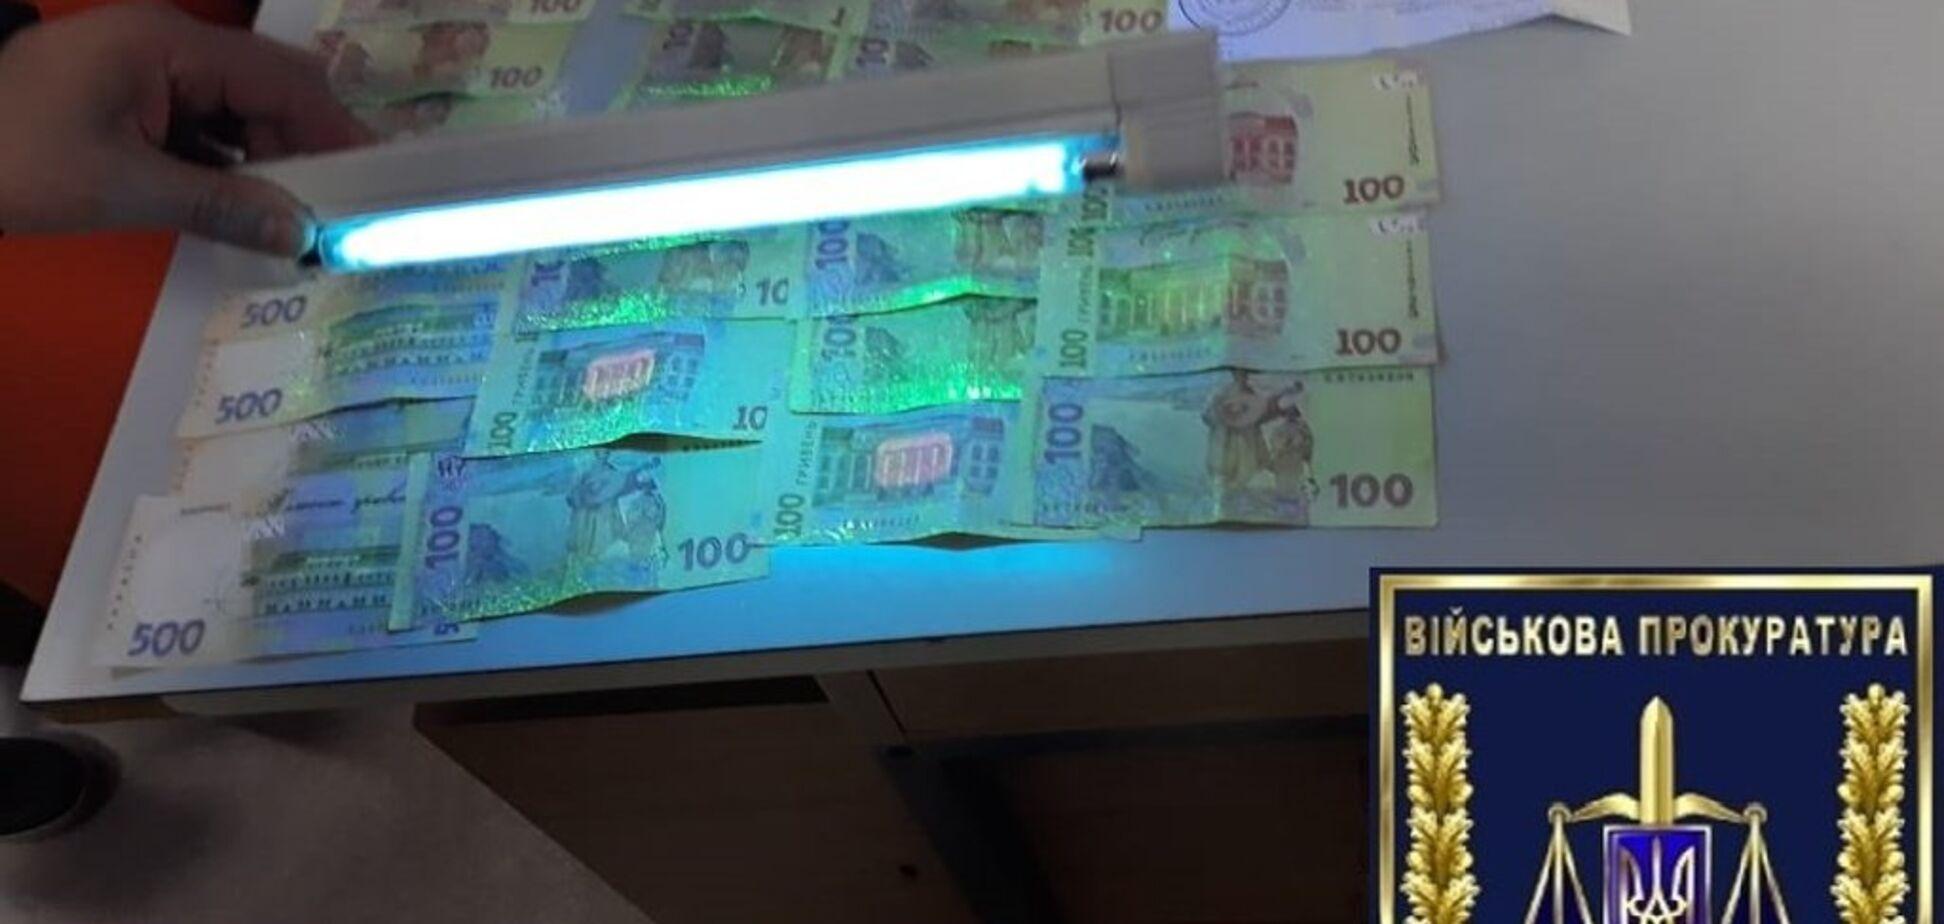 В Запорожье сотрудница миграционной службы вымогала деньги за изготовление загранпаспорта